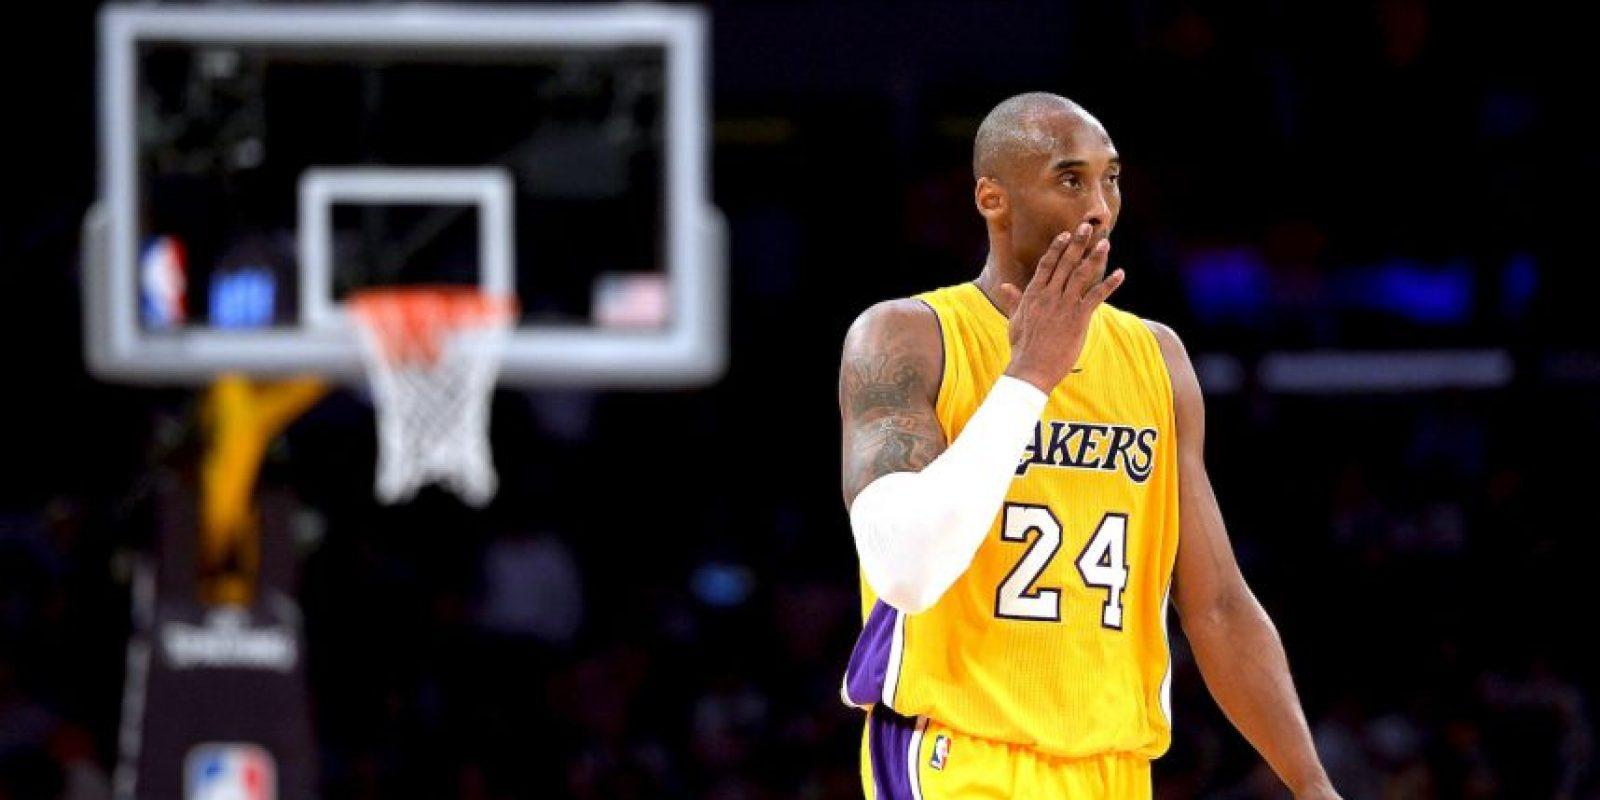 El símbolo de los Lakers en las últimas dos décadas, vive sus últimos días en la duela y se ha rumorado que esta es su última campaña como profesional Foto:Getty images